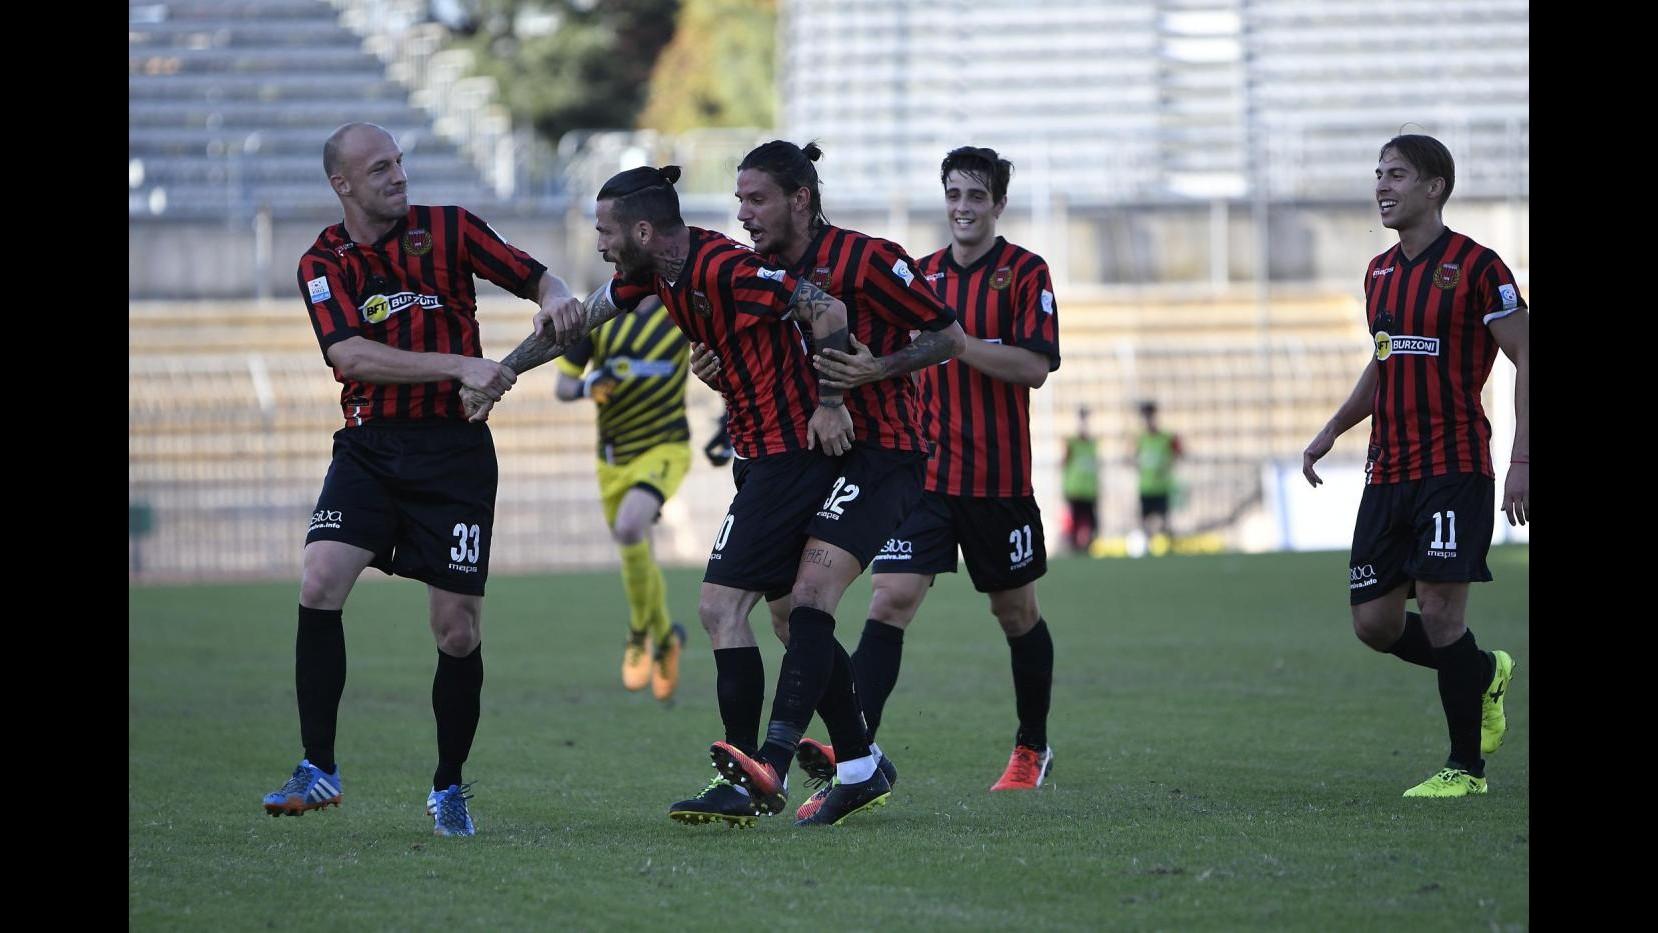 Serie C, Pro Piacenza – Cuneo 1-1